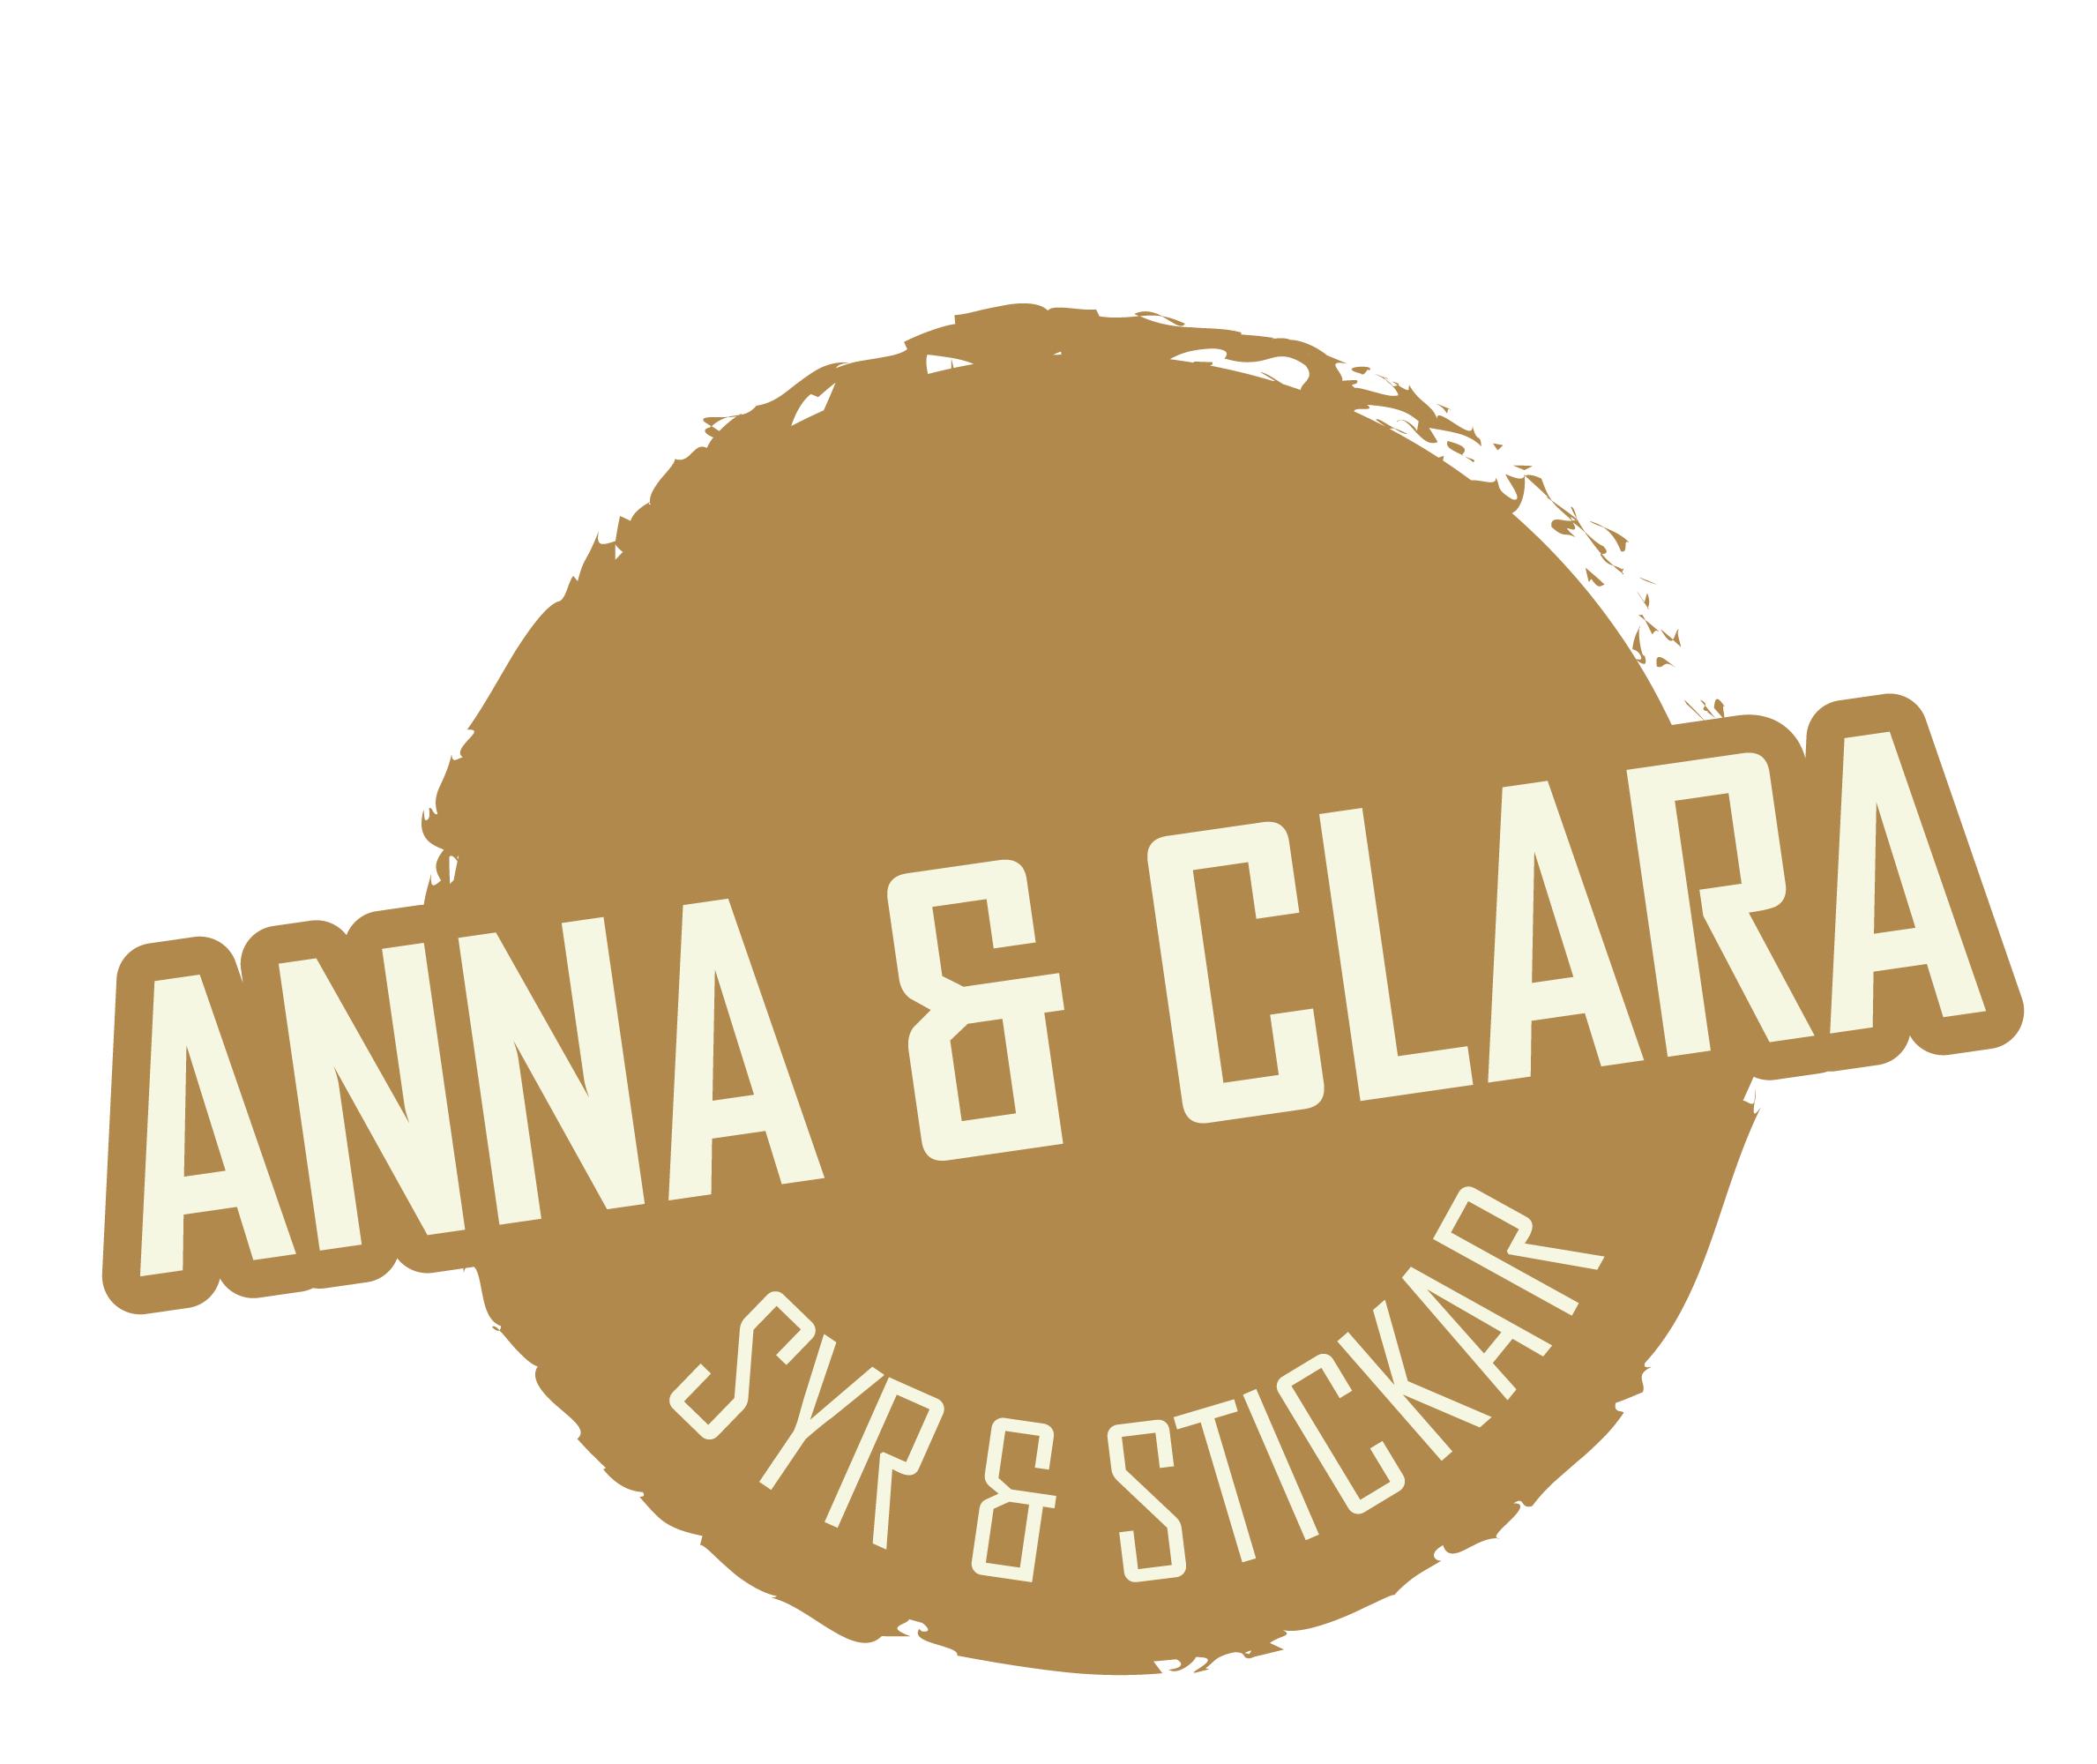 Anna & Clara